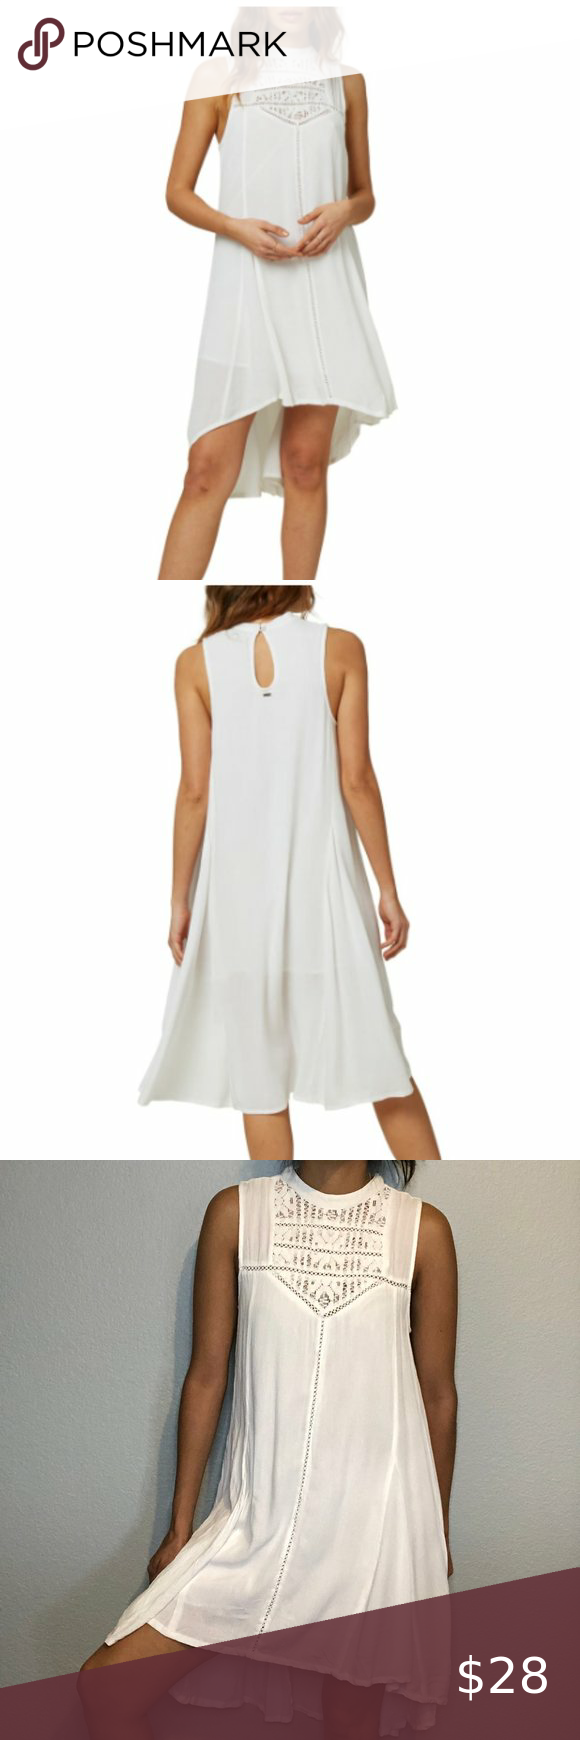 White Trapeze Dress Google Search Latest Fashion Dresses Lil Black Dress Trapeze Dress [ 1500 x 1200 Pixel ]